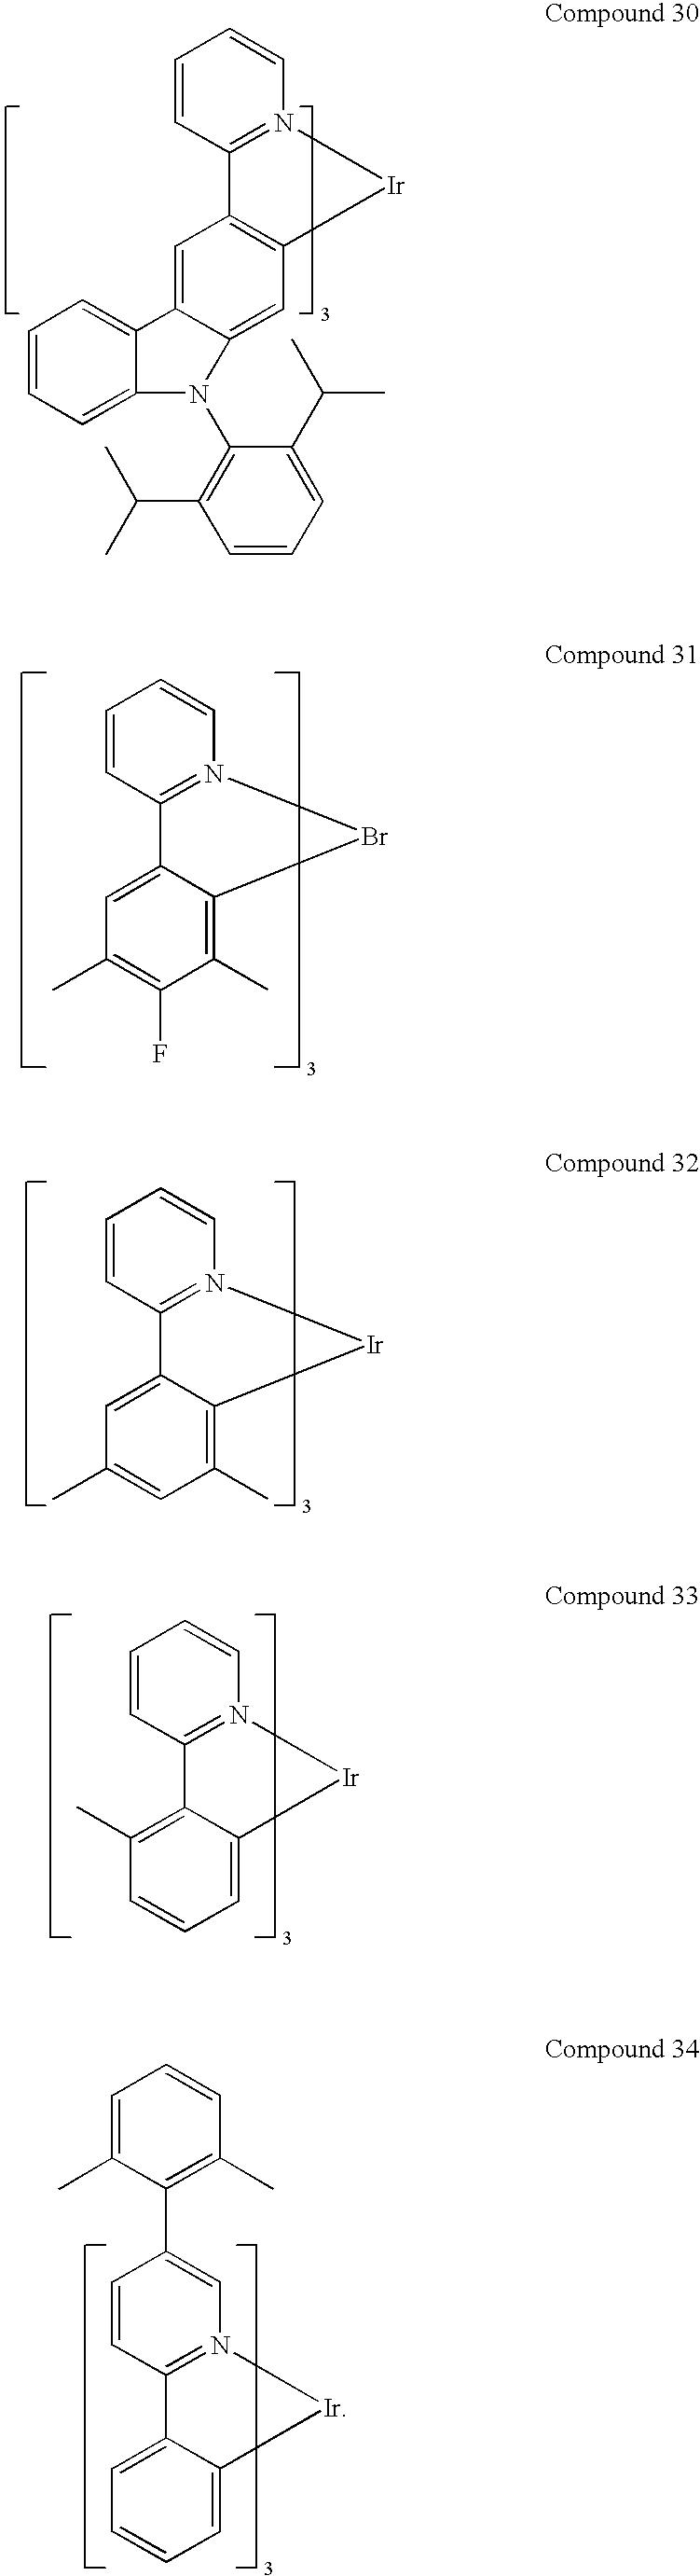 Figure US20090108737A1-20090430-C00011